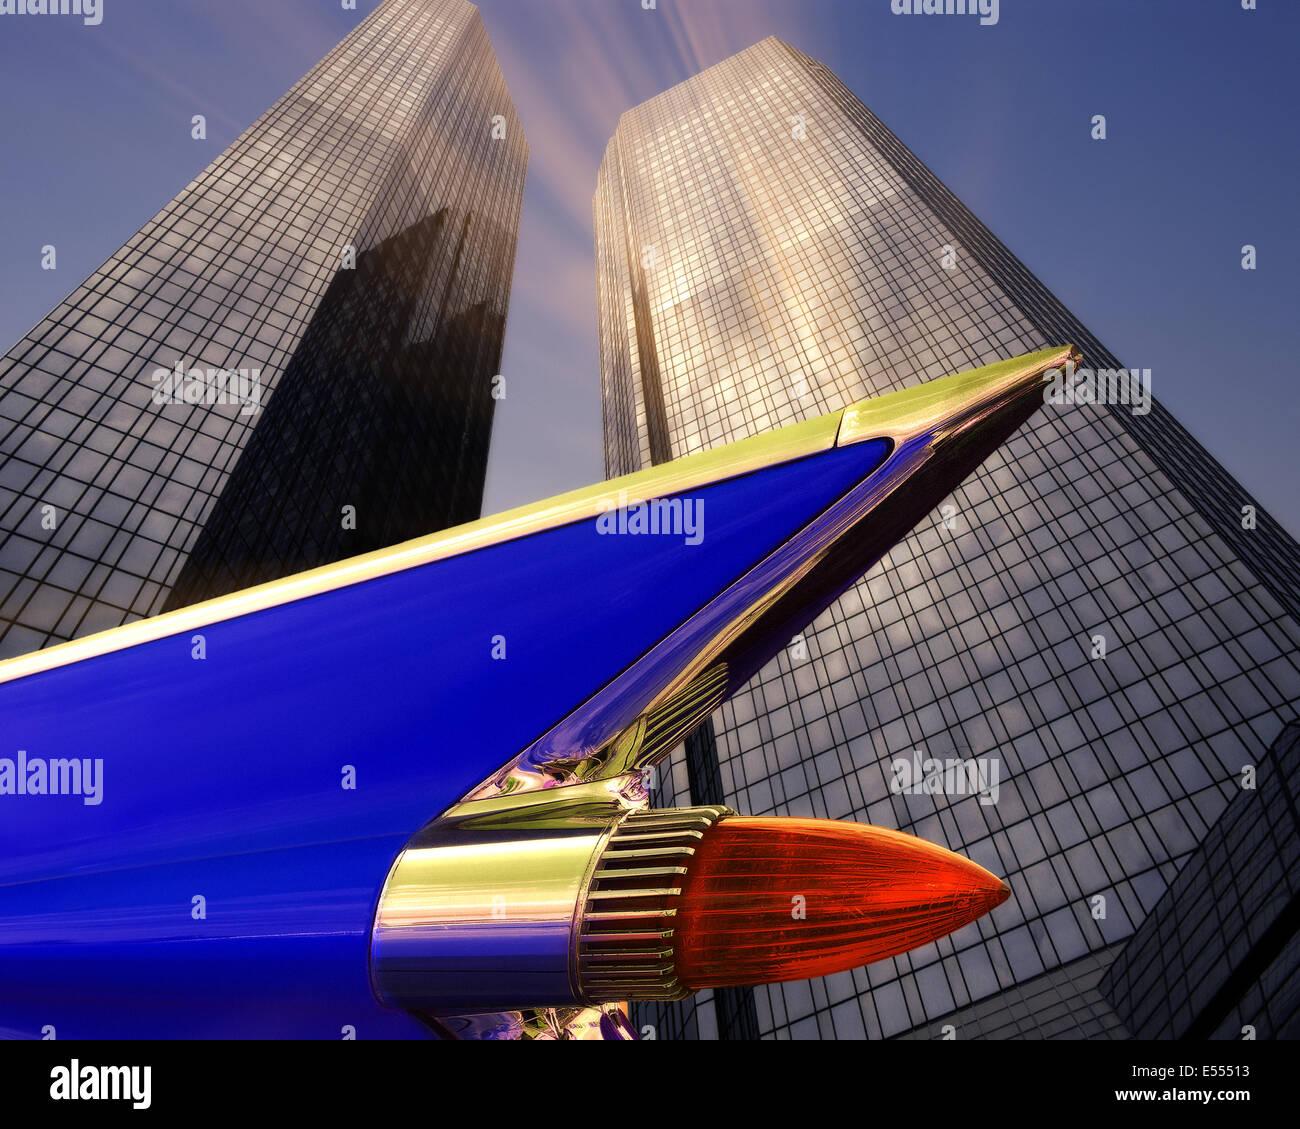 DE - FRANKFURT: Deutsche Bank Headquarters - Stock Image